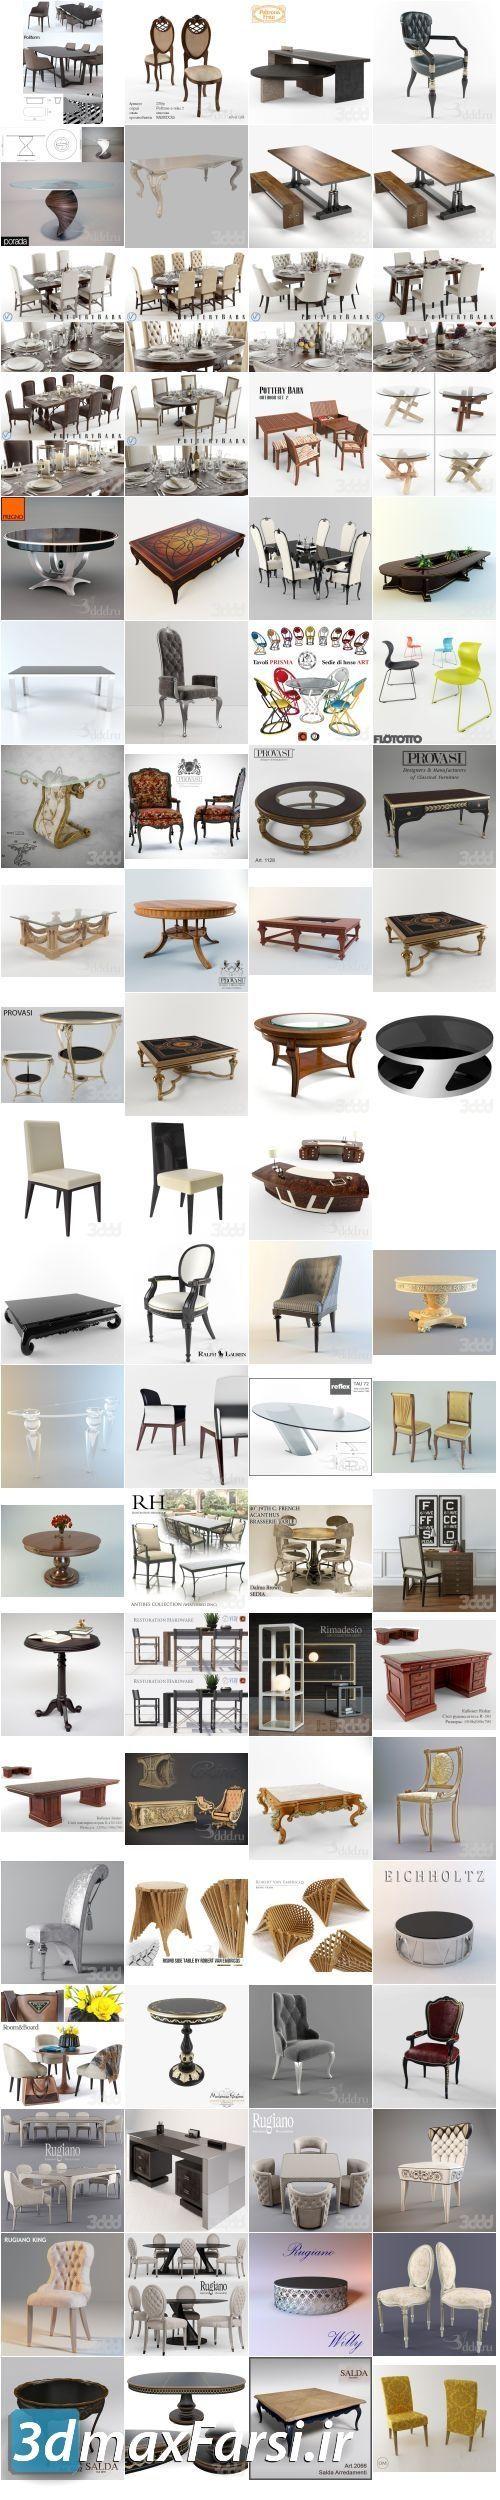 آبجکت های سه بعدی میز و صندلی